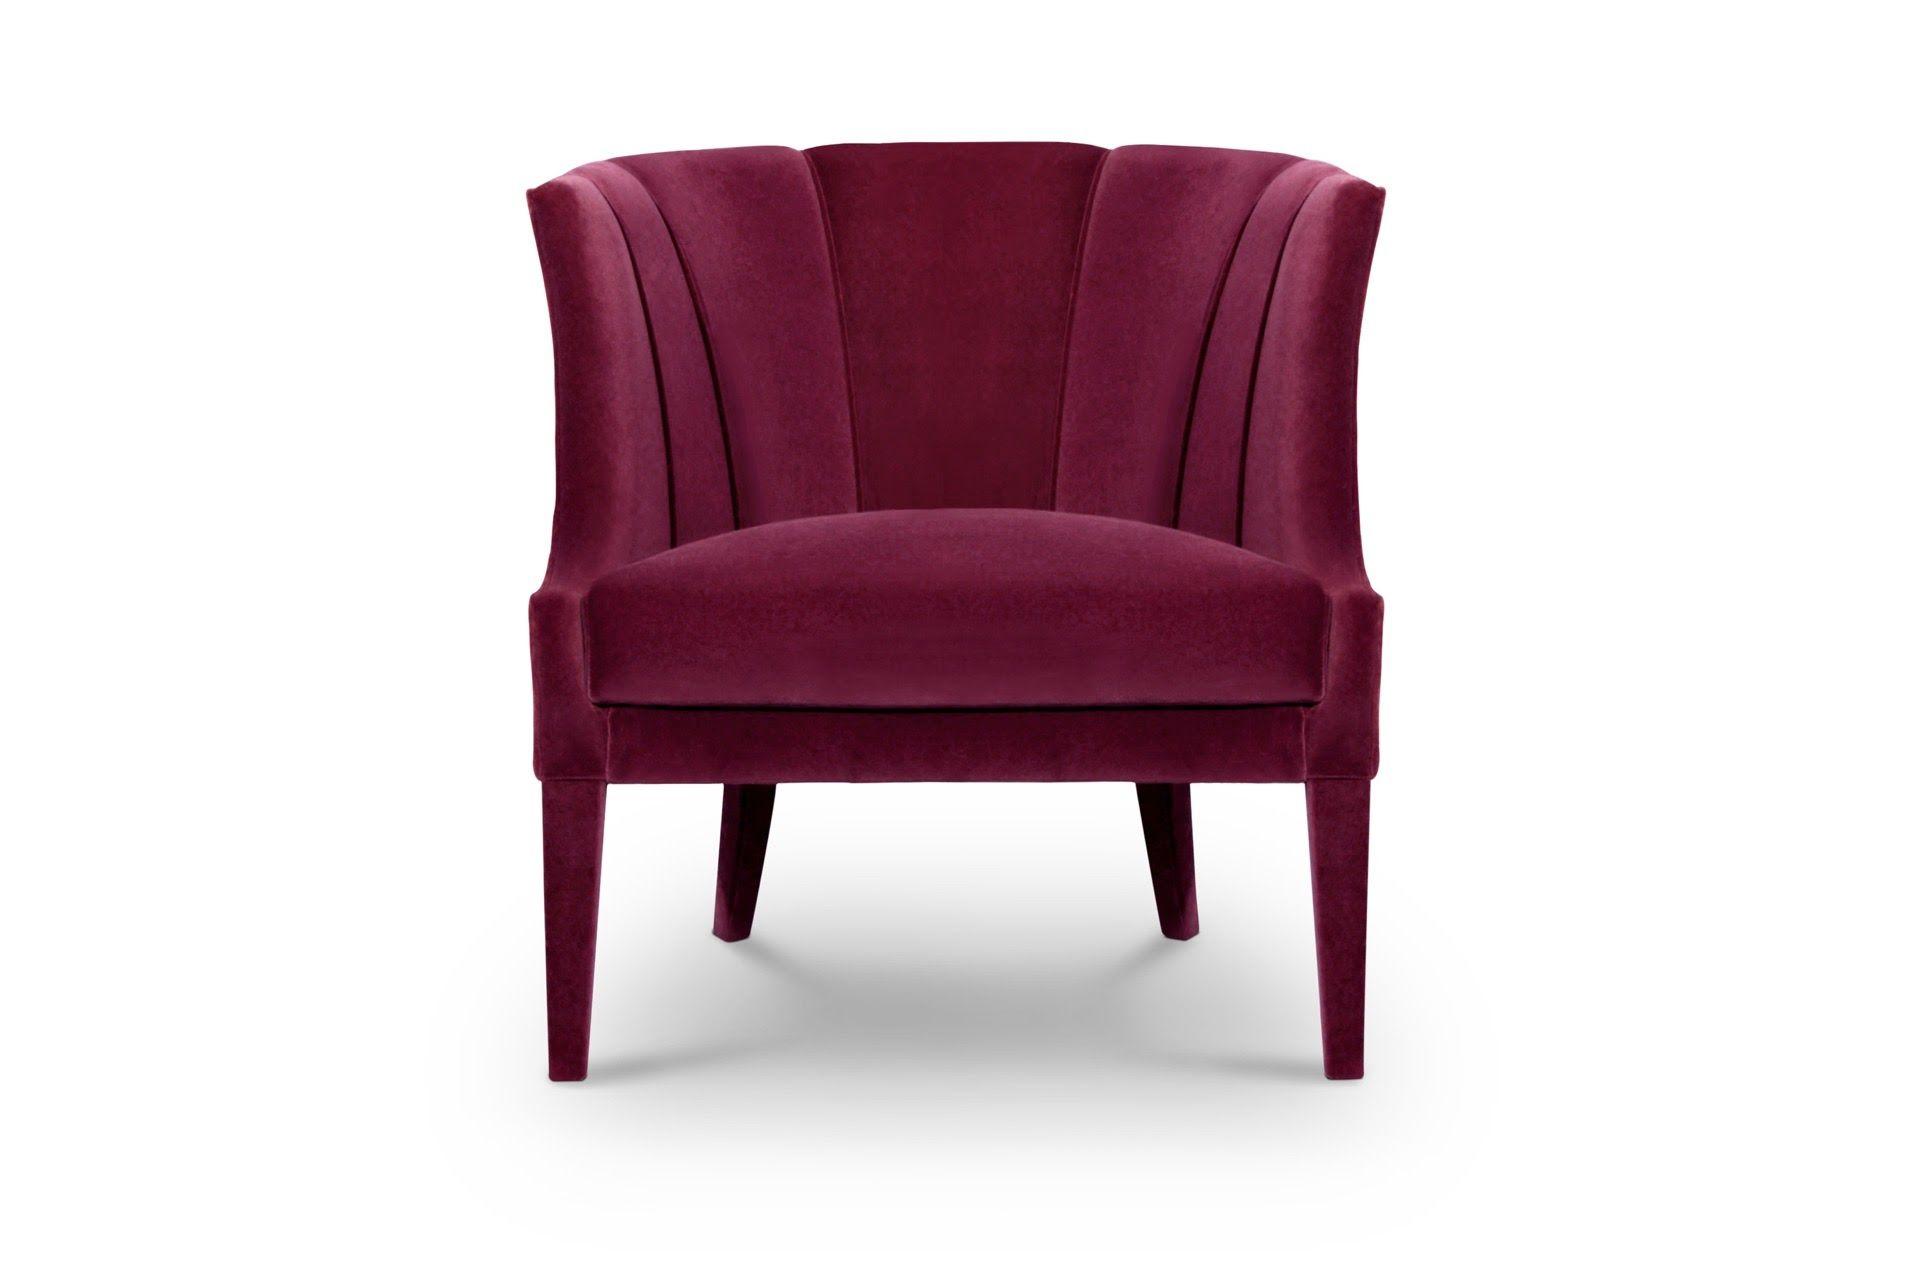 Luxus Wohnzimmer ~ Samt sessel velvet chair luxus wohnzimmer luxury living room